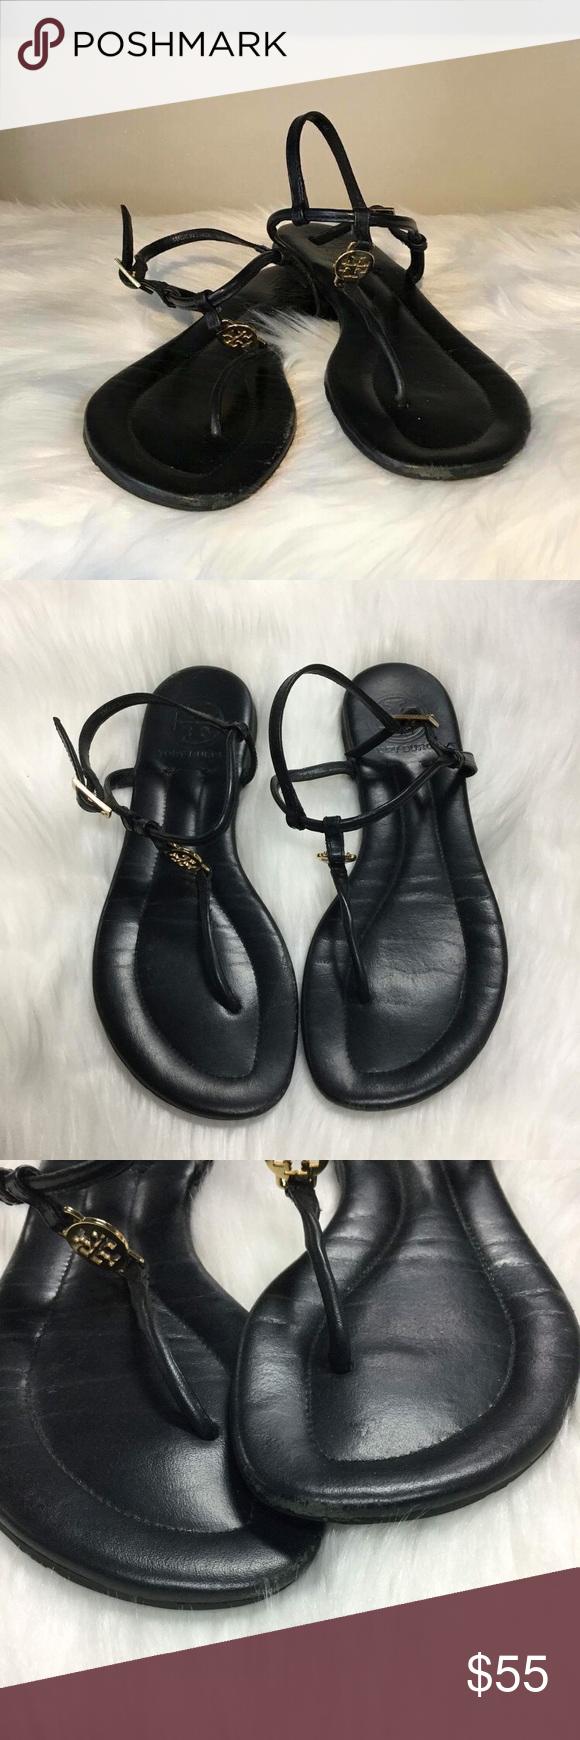 Tory Burch Sandals Tory Burch Sandals. Size 5 1/2 Tory Burch Shoes Sandals